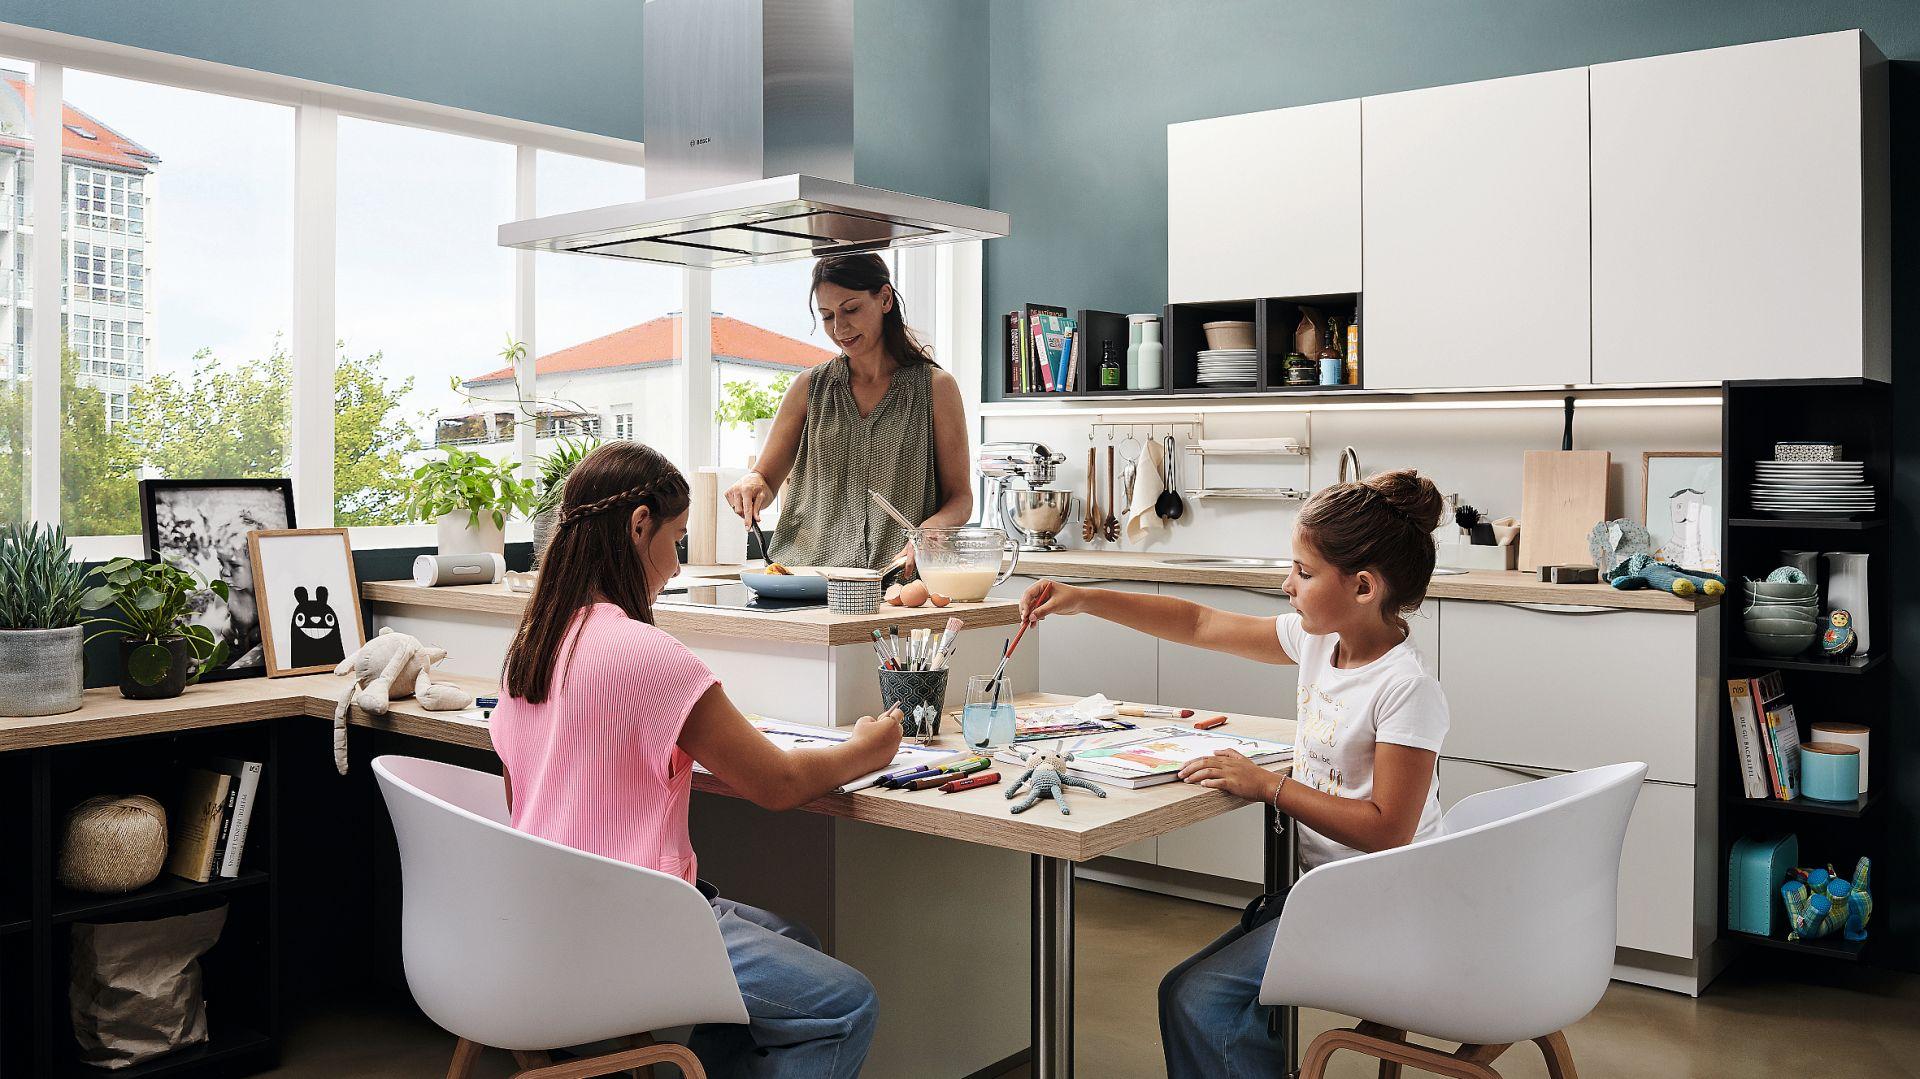 ALNOSOFT – program kuchenny oferuje największą różnorodność na najmniejszej przestrzeni. Jako kompaktowa, codzienna kuchnia zachwyca czystymi liniami, dyskretnymi kombinacjami kolorów i inteligentnymi rozwiązaniami do przechowywania. Fot. Alno